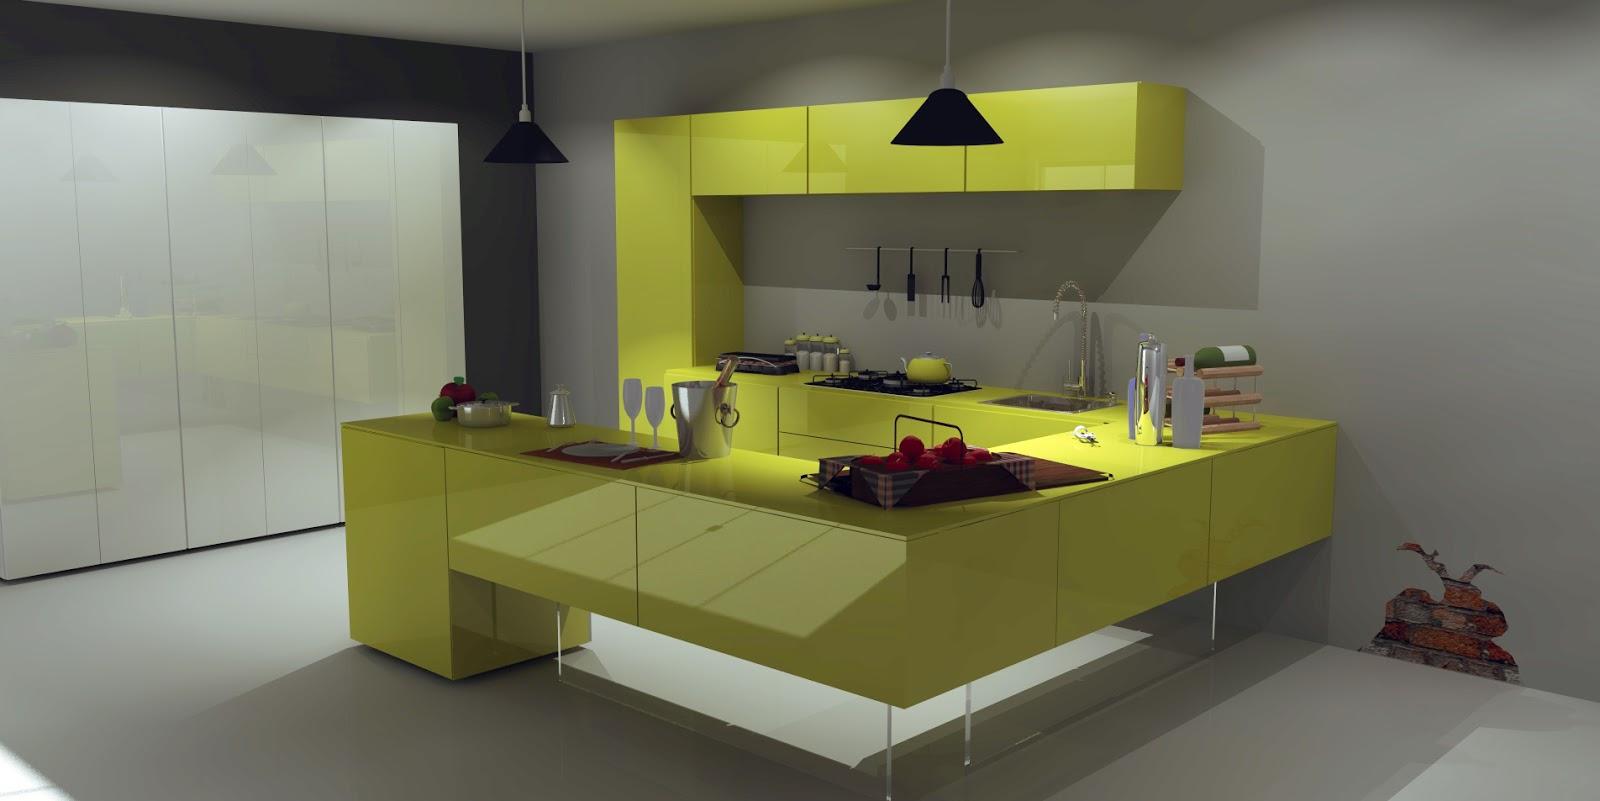 Renata Gama Arquitetura interiores paisagismo e meio ambiente. #939833 1600 801